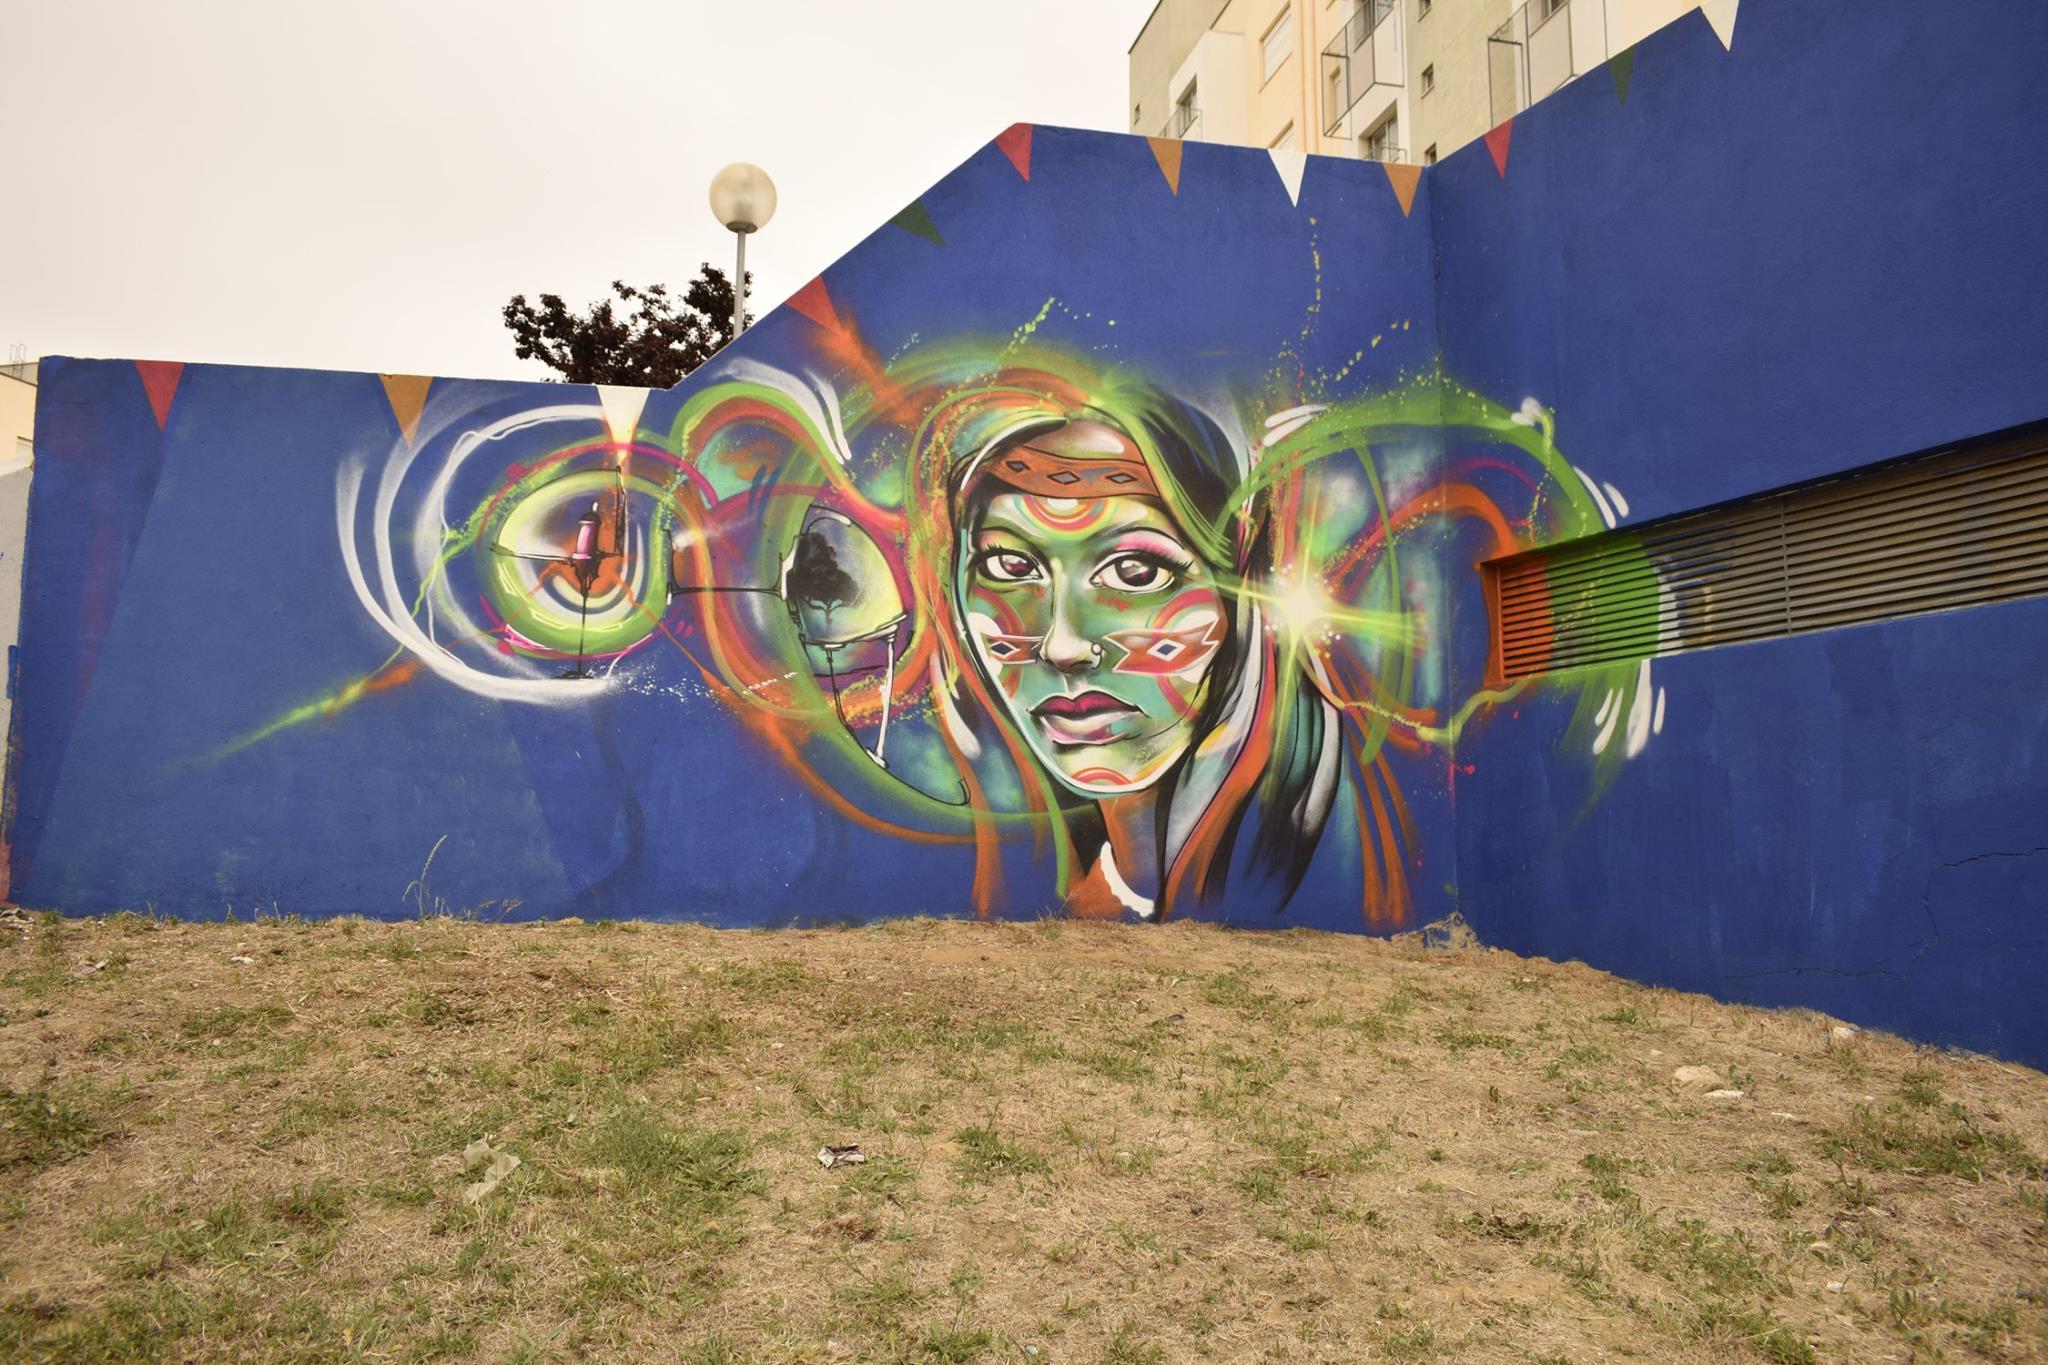 muro festival arte urbana marvila lisboa 2017 (3)